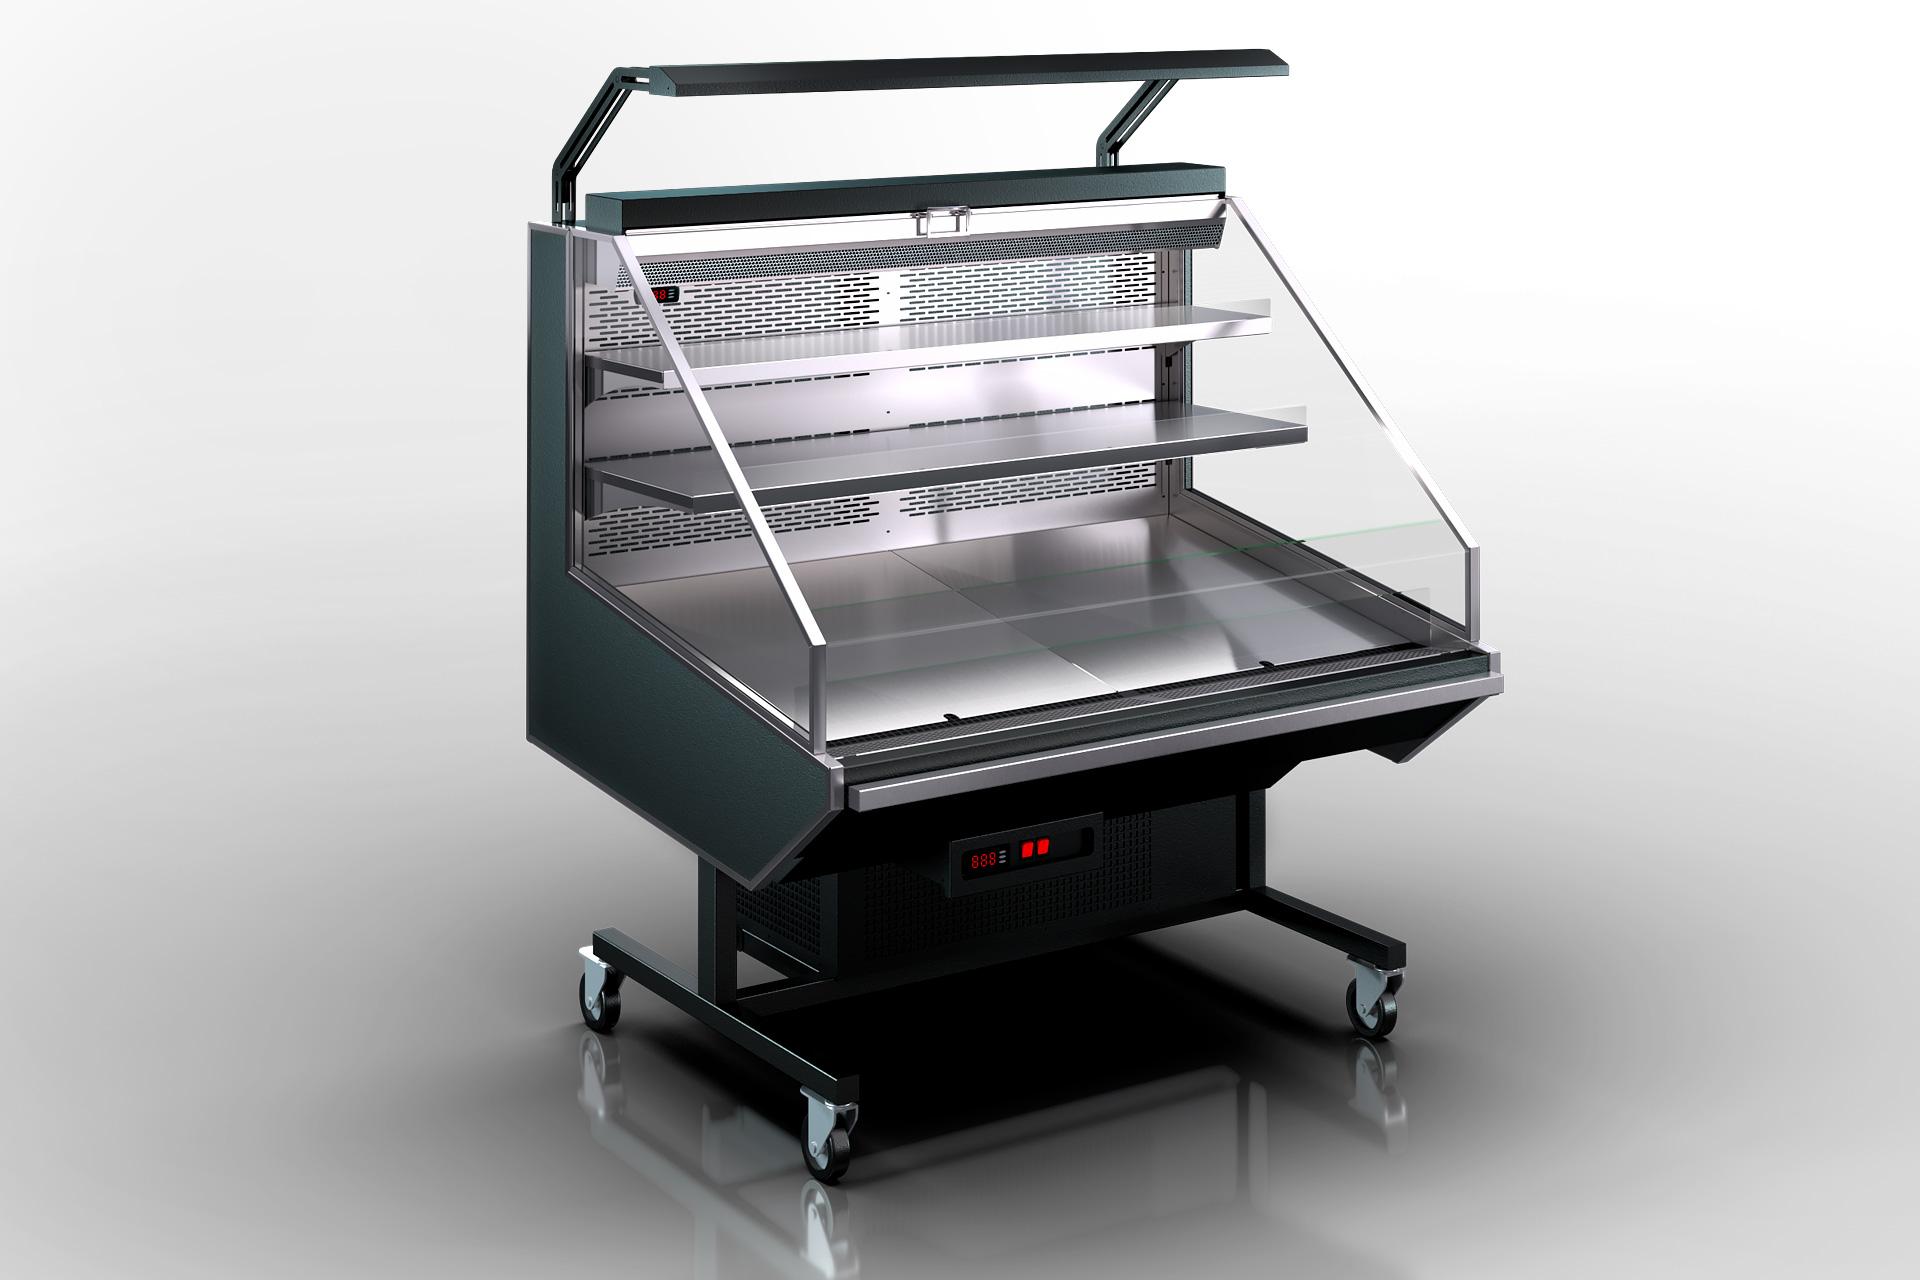 Refrigerated counters Missouri promo MC 100 deli self 140-DLA